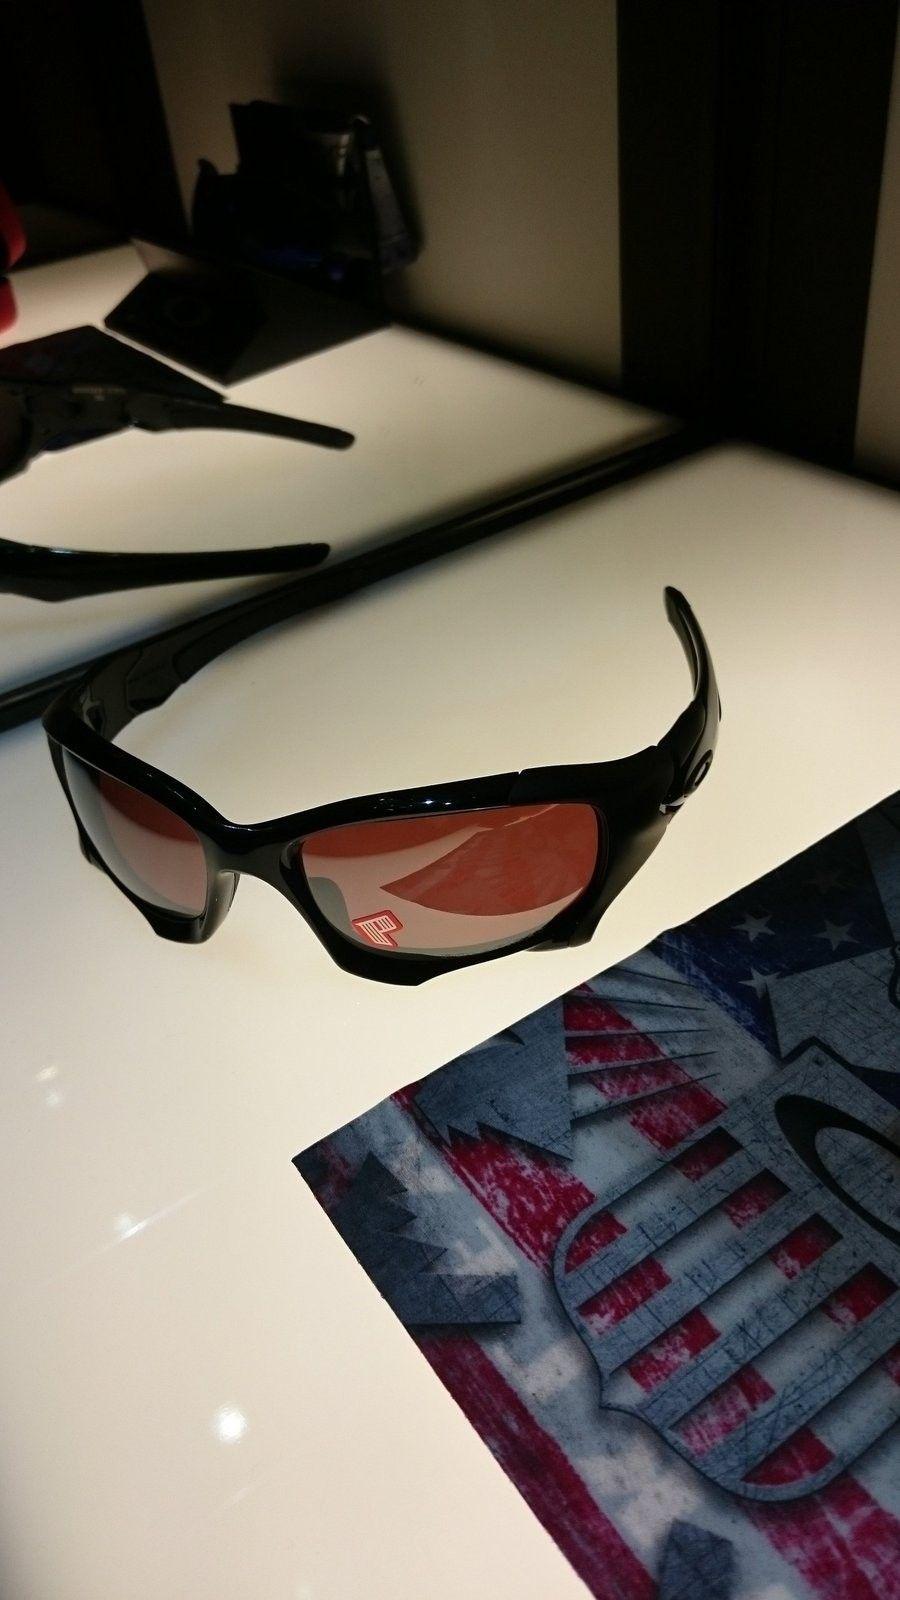 BNIB: PB2 for X-metal Juliet ** Now in sunglasses exchange ** - DSC_0018.JPG